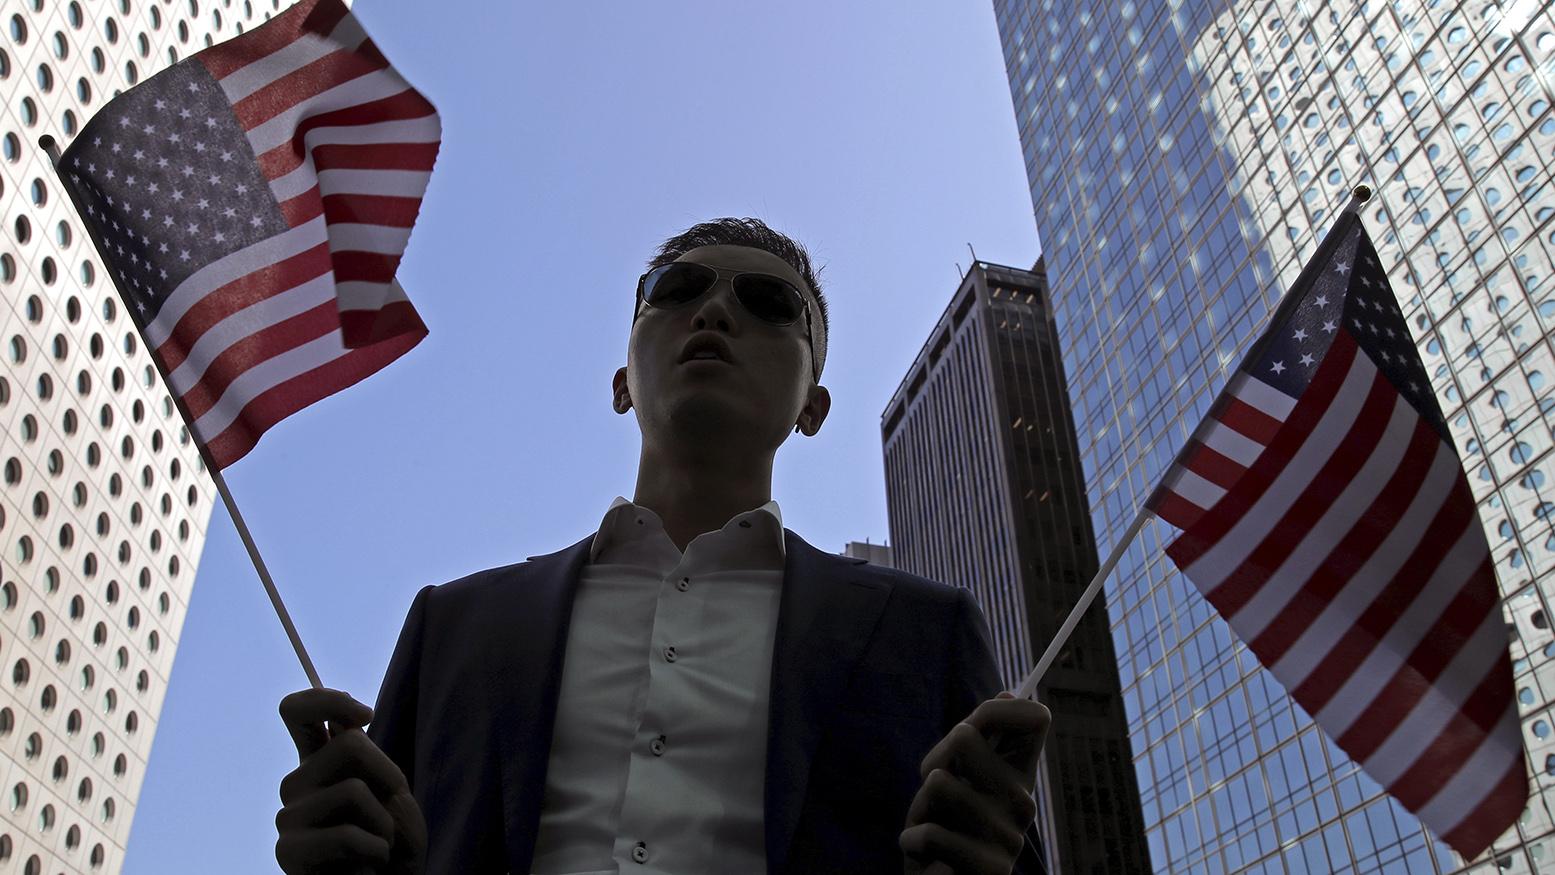 2019年11月28日,一名香港抗议者举着美国国旗。(美联社)